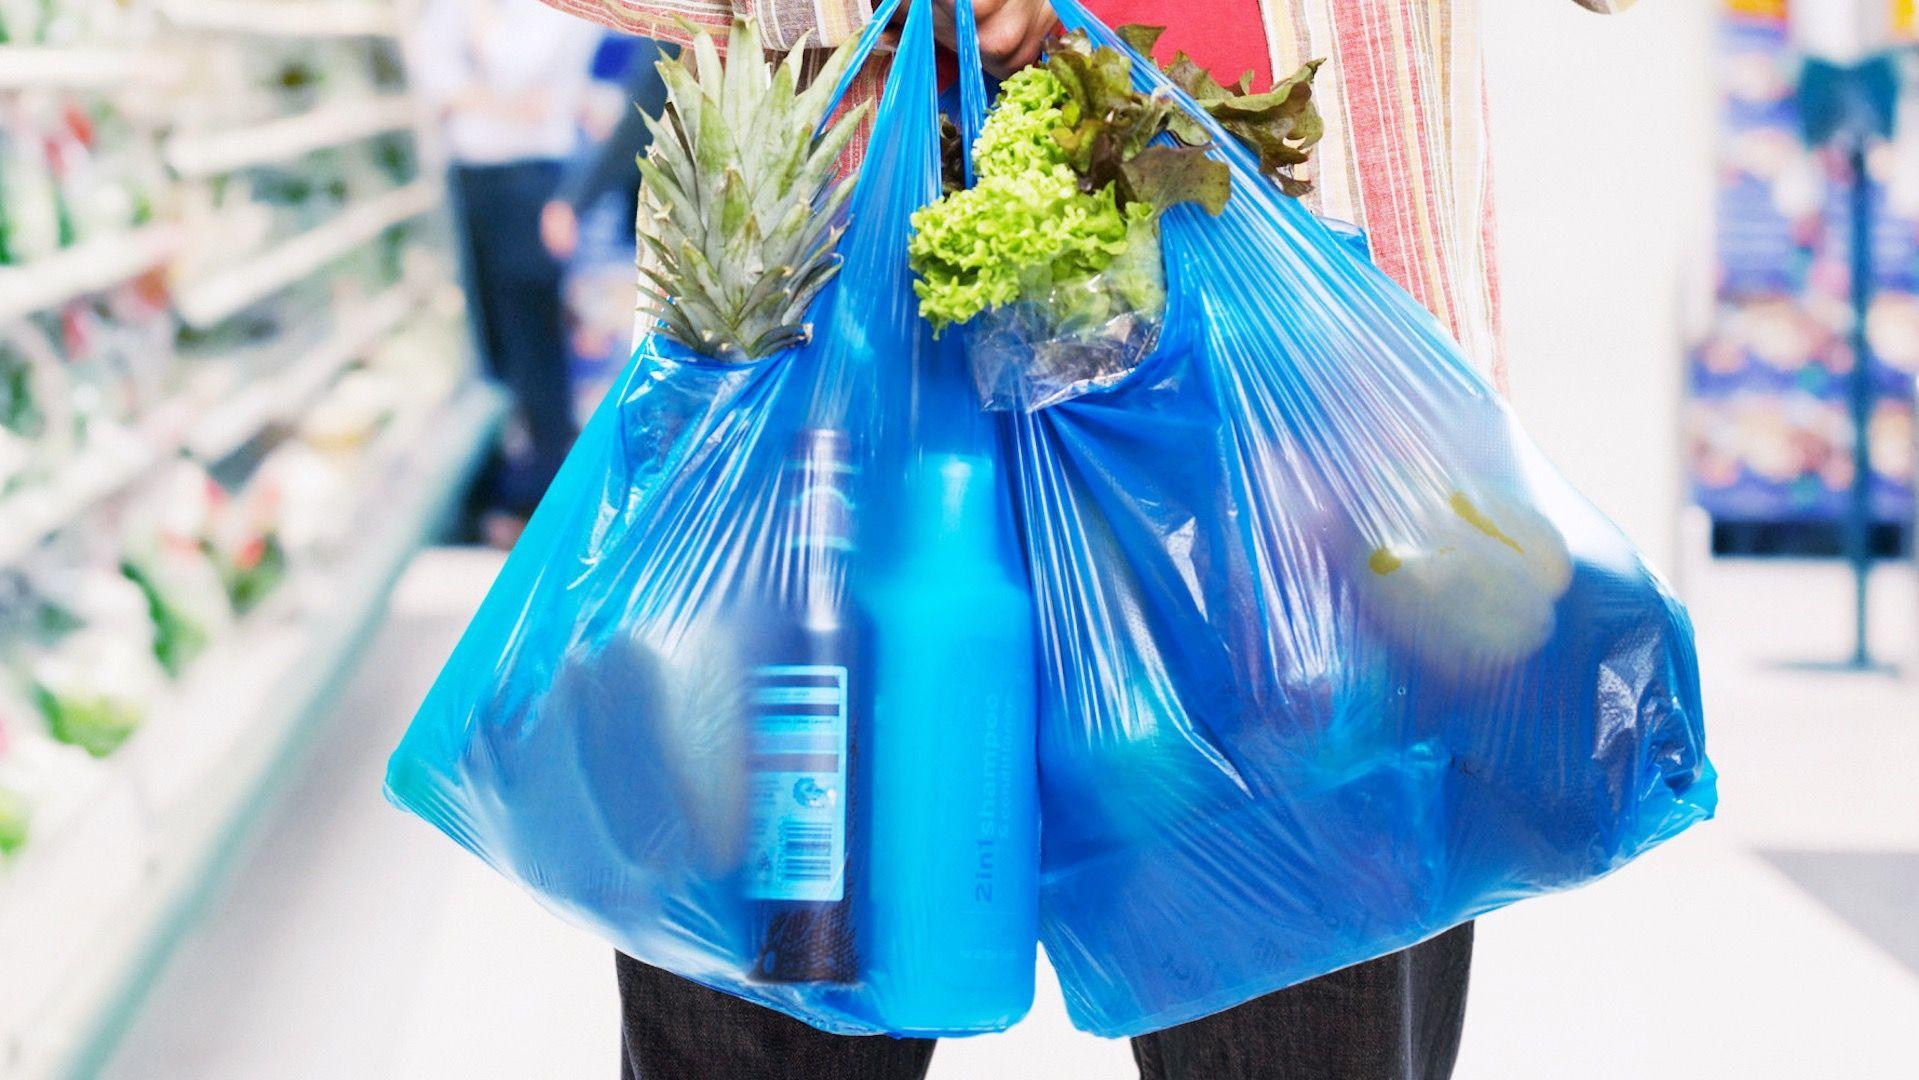 ¿En realidad qué bolsas dañan menos el medioambiente?. Un cotejo de papel Vs. plástico | EL FRENTE